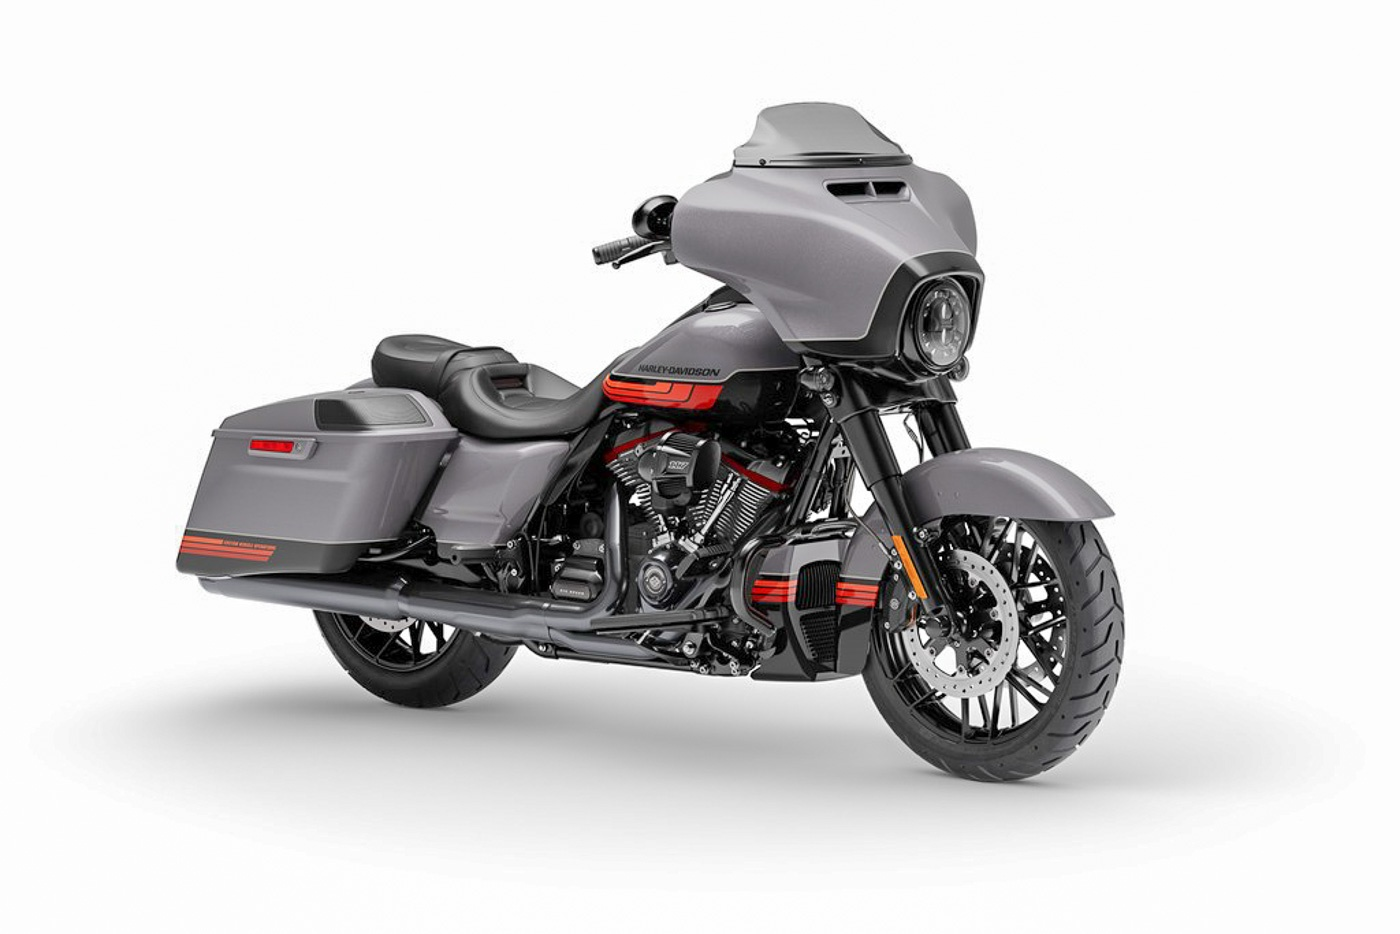 Zeigt die Harley-Davidson CVO Street Glide Modelljahr 2020